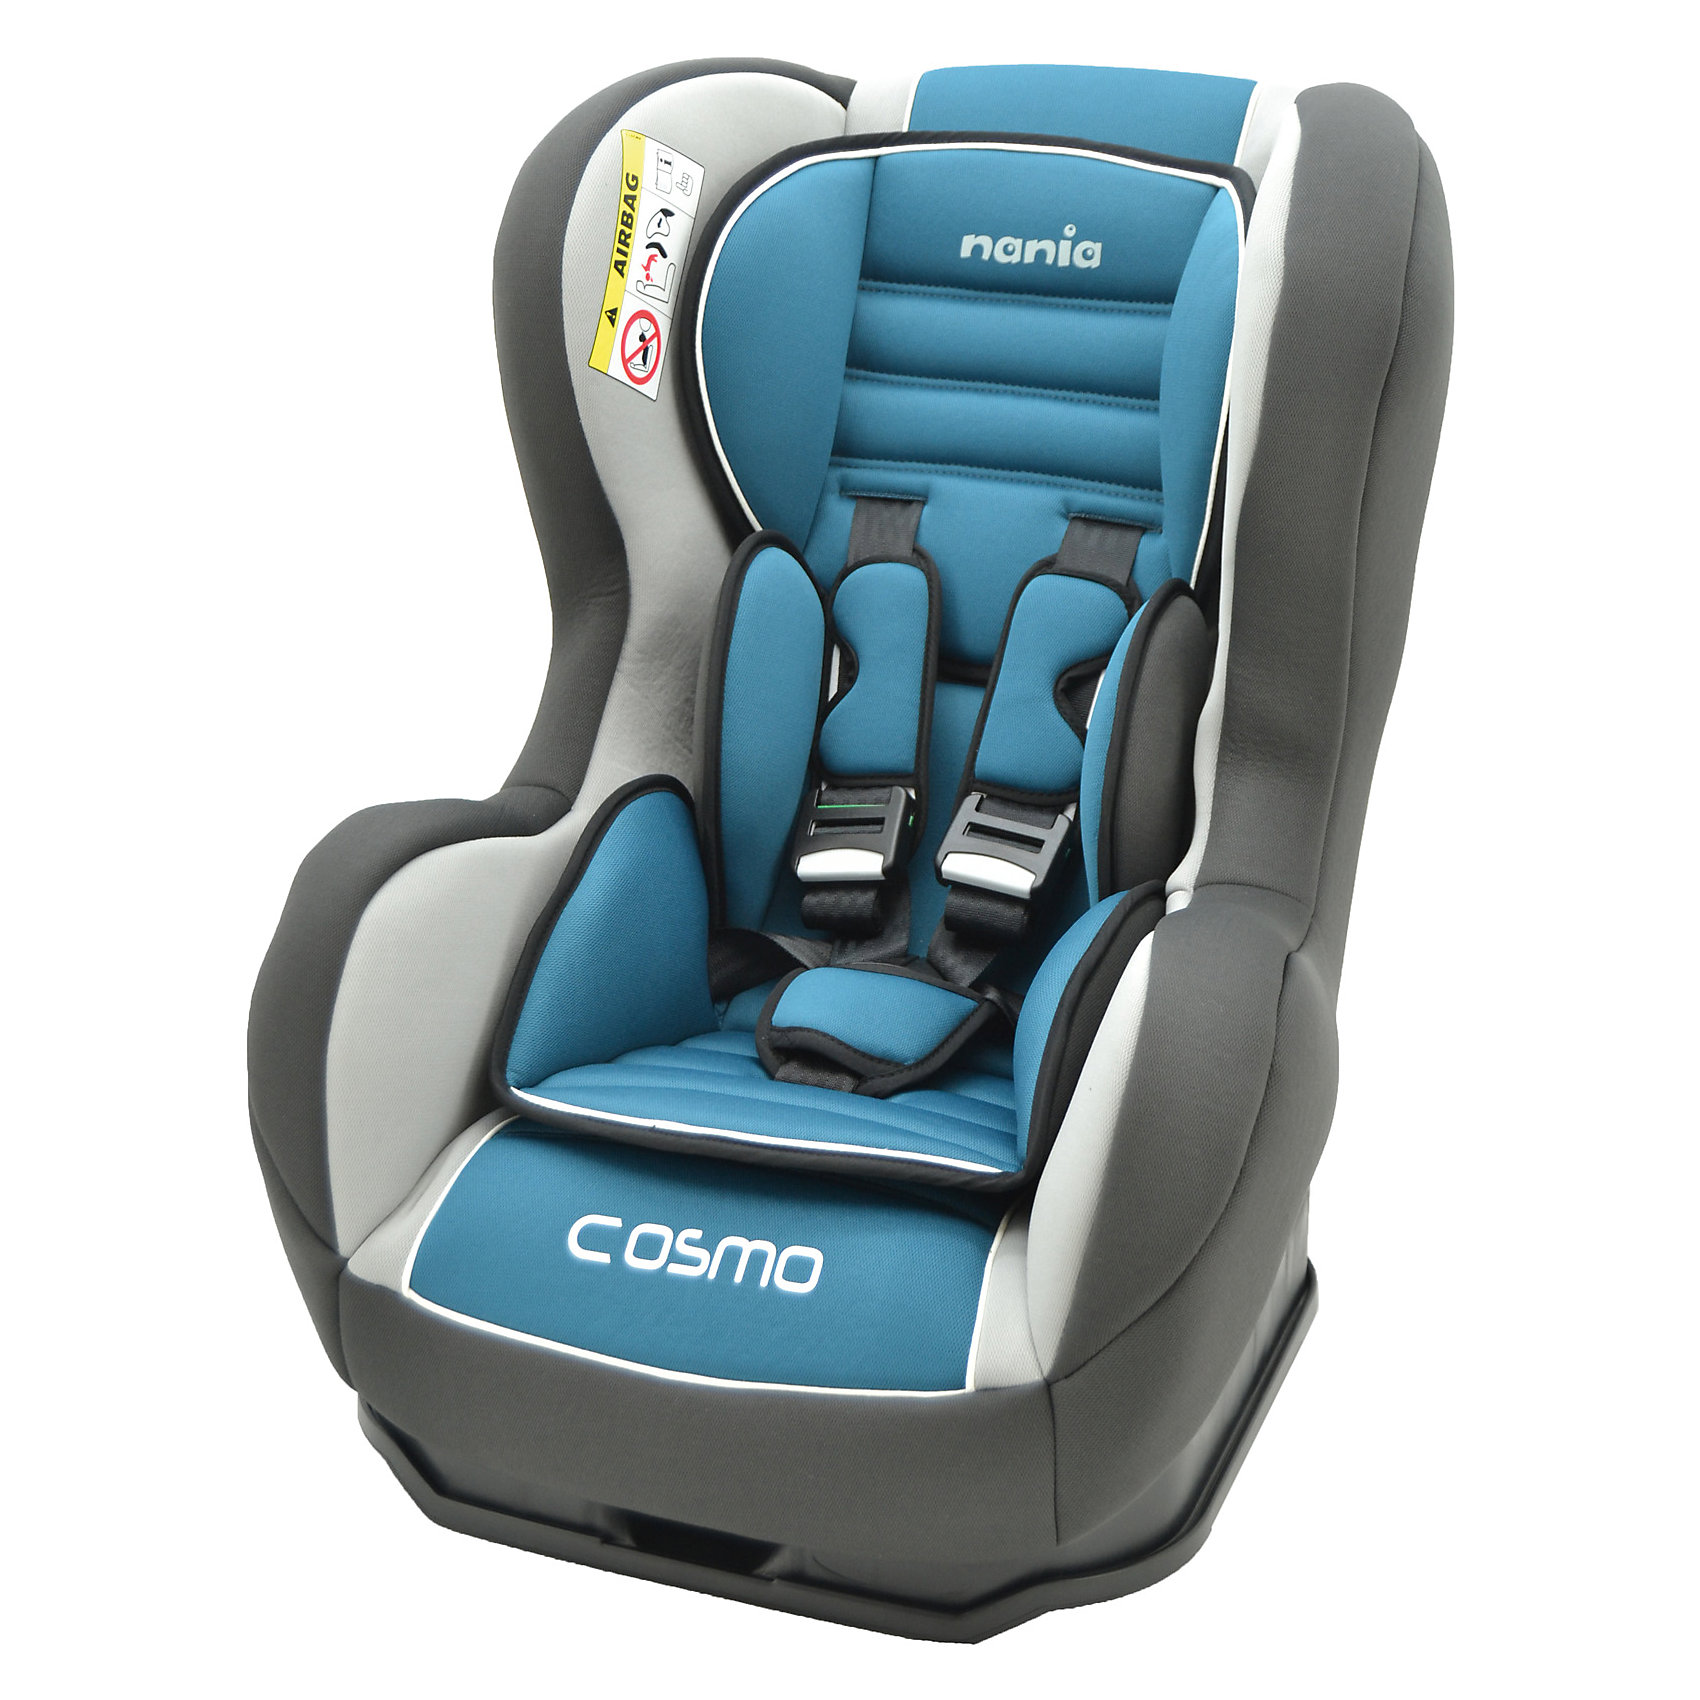 Автокресло Cosmo SP LX, 0-18 кг., Nania, agora petroleАвтокресло Cosmo SP LX, 0-18 кг., Nania, agora petrole - комфортная надежная модель, которая сделает поездку ребенка приятной и безопасной.<br>Автокресло Cosmo SP LX от Nania (Нания) разработано на основе требований безопасности, а также ортопедических факторов: мягкие обивка, анатомическая форма обеспечивает комфорт даже в дальних поездках. Серия Luxe отличается улучшенными более мягкими чехлами и наличием двух мягких съемных вкладышей под голову и тельце для удобства новорожденных. Наклон спинки можно регулировать в 3 положениях. Кресло оснащено регулируемыми 5-точечными ремнями безопасности с мягкими плечевыми накладками и удобной системой натяжения. Ремни снабжены системой звукового оповещения. Если замок не закрыт должным образом или ребенок самостоятельно расстегнется во время движения, прозвучит предупреждающий звуковой сигнал. Система боковой защиты SP - Side Protection убережёт ребёнка от серьезных травм. Новая система крепления автокресла облегчает его установку в автомобиль. Устанавливается в автомобилях с помощью штатных 3-х точечных ремней безопасности, как на заднем, так и на переднем сидении, в последнем случае подушка безопасности должна быть отключена. Предусмотрено надежное крепление к автомобильному сиденью по ходу движения автомобиля (ремень автомобиля проходит между основой и корпусом автокресла). Кресло изготовлено из высококачественных материалов, тканевые чехлы снимаются для чистки или стирки. Соответствует Европейскому Стандарту Безопасности ECE R44/03.<br><br>Дополнительная информация:<br><br>- Рассчитано на детей от рождения до 3-4 лет, весом 0-18 кг.<br>- Материал: высококачественный ударопрочный пластик, полиэстер<br>- Цвет: голубой<br>- Установка: против хода движения (для ребенка весом до 9 кг), по ходу движения (для ребенка весом от 9 до 18 кг)<br>- Размер сиденья: 33х31 см.<br>- Высота спинки: 55 см.<br>- Размер кресла: 54х45х61 см.<br>- Вес: 5,7 кг.<br>- Возможна ручная стирка тк